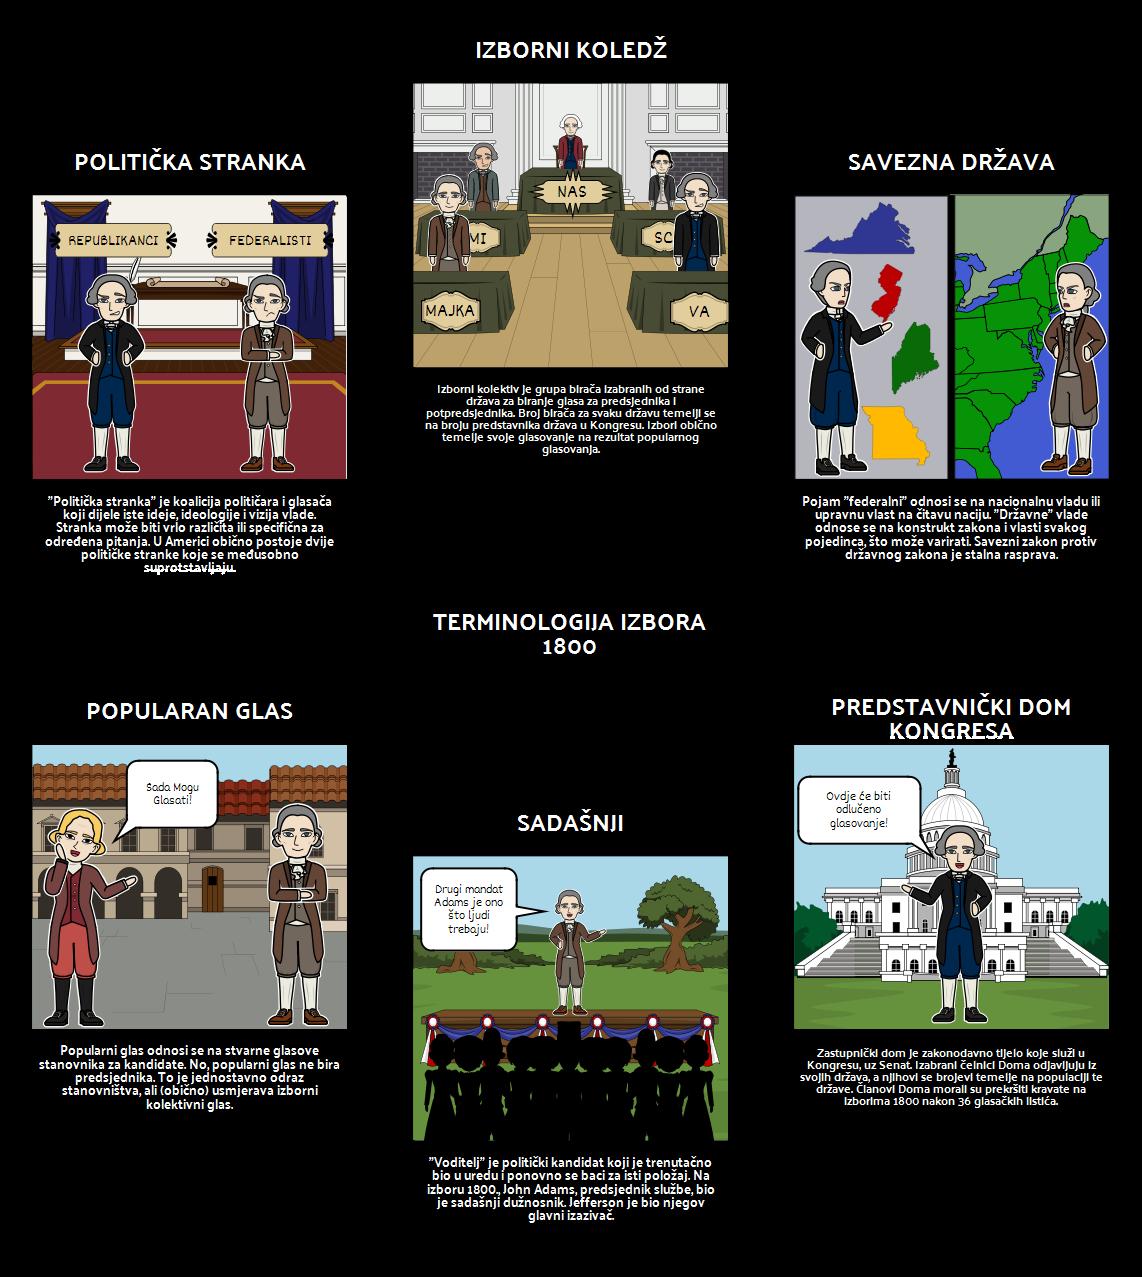 Izbor 1800 Terminologije